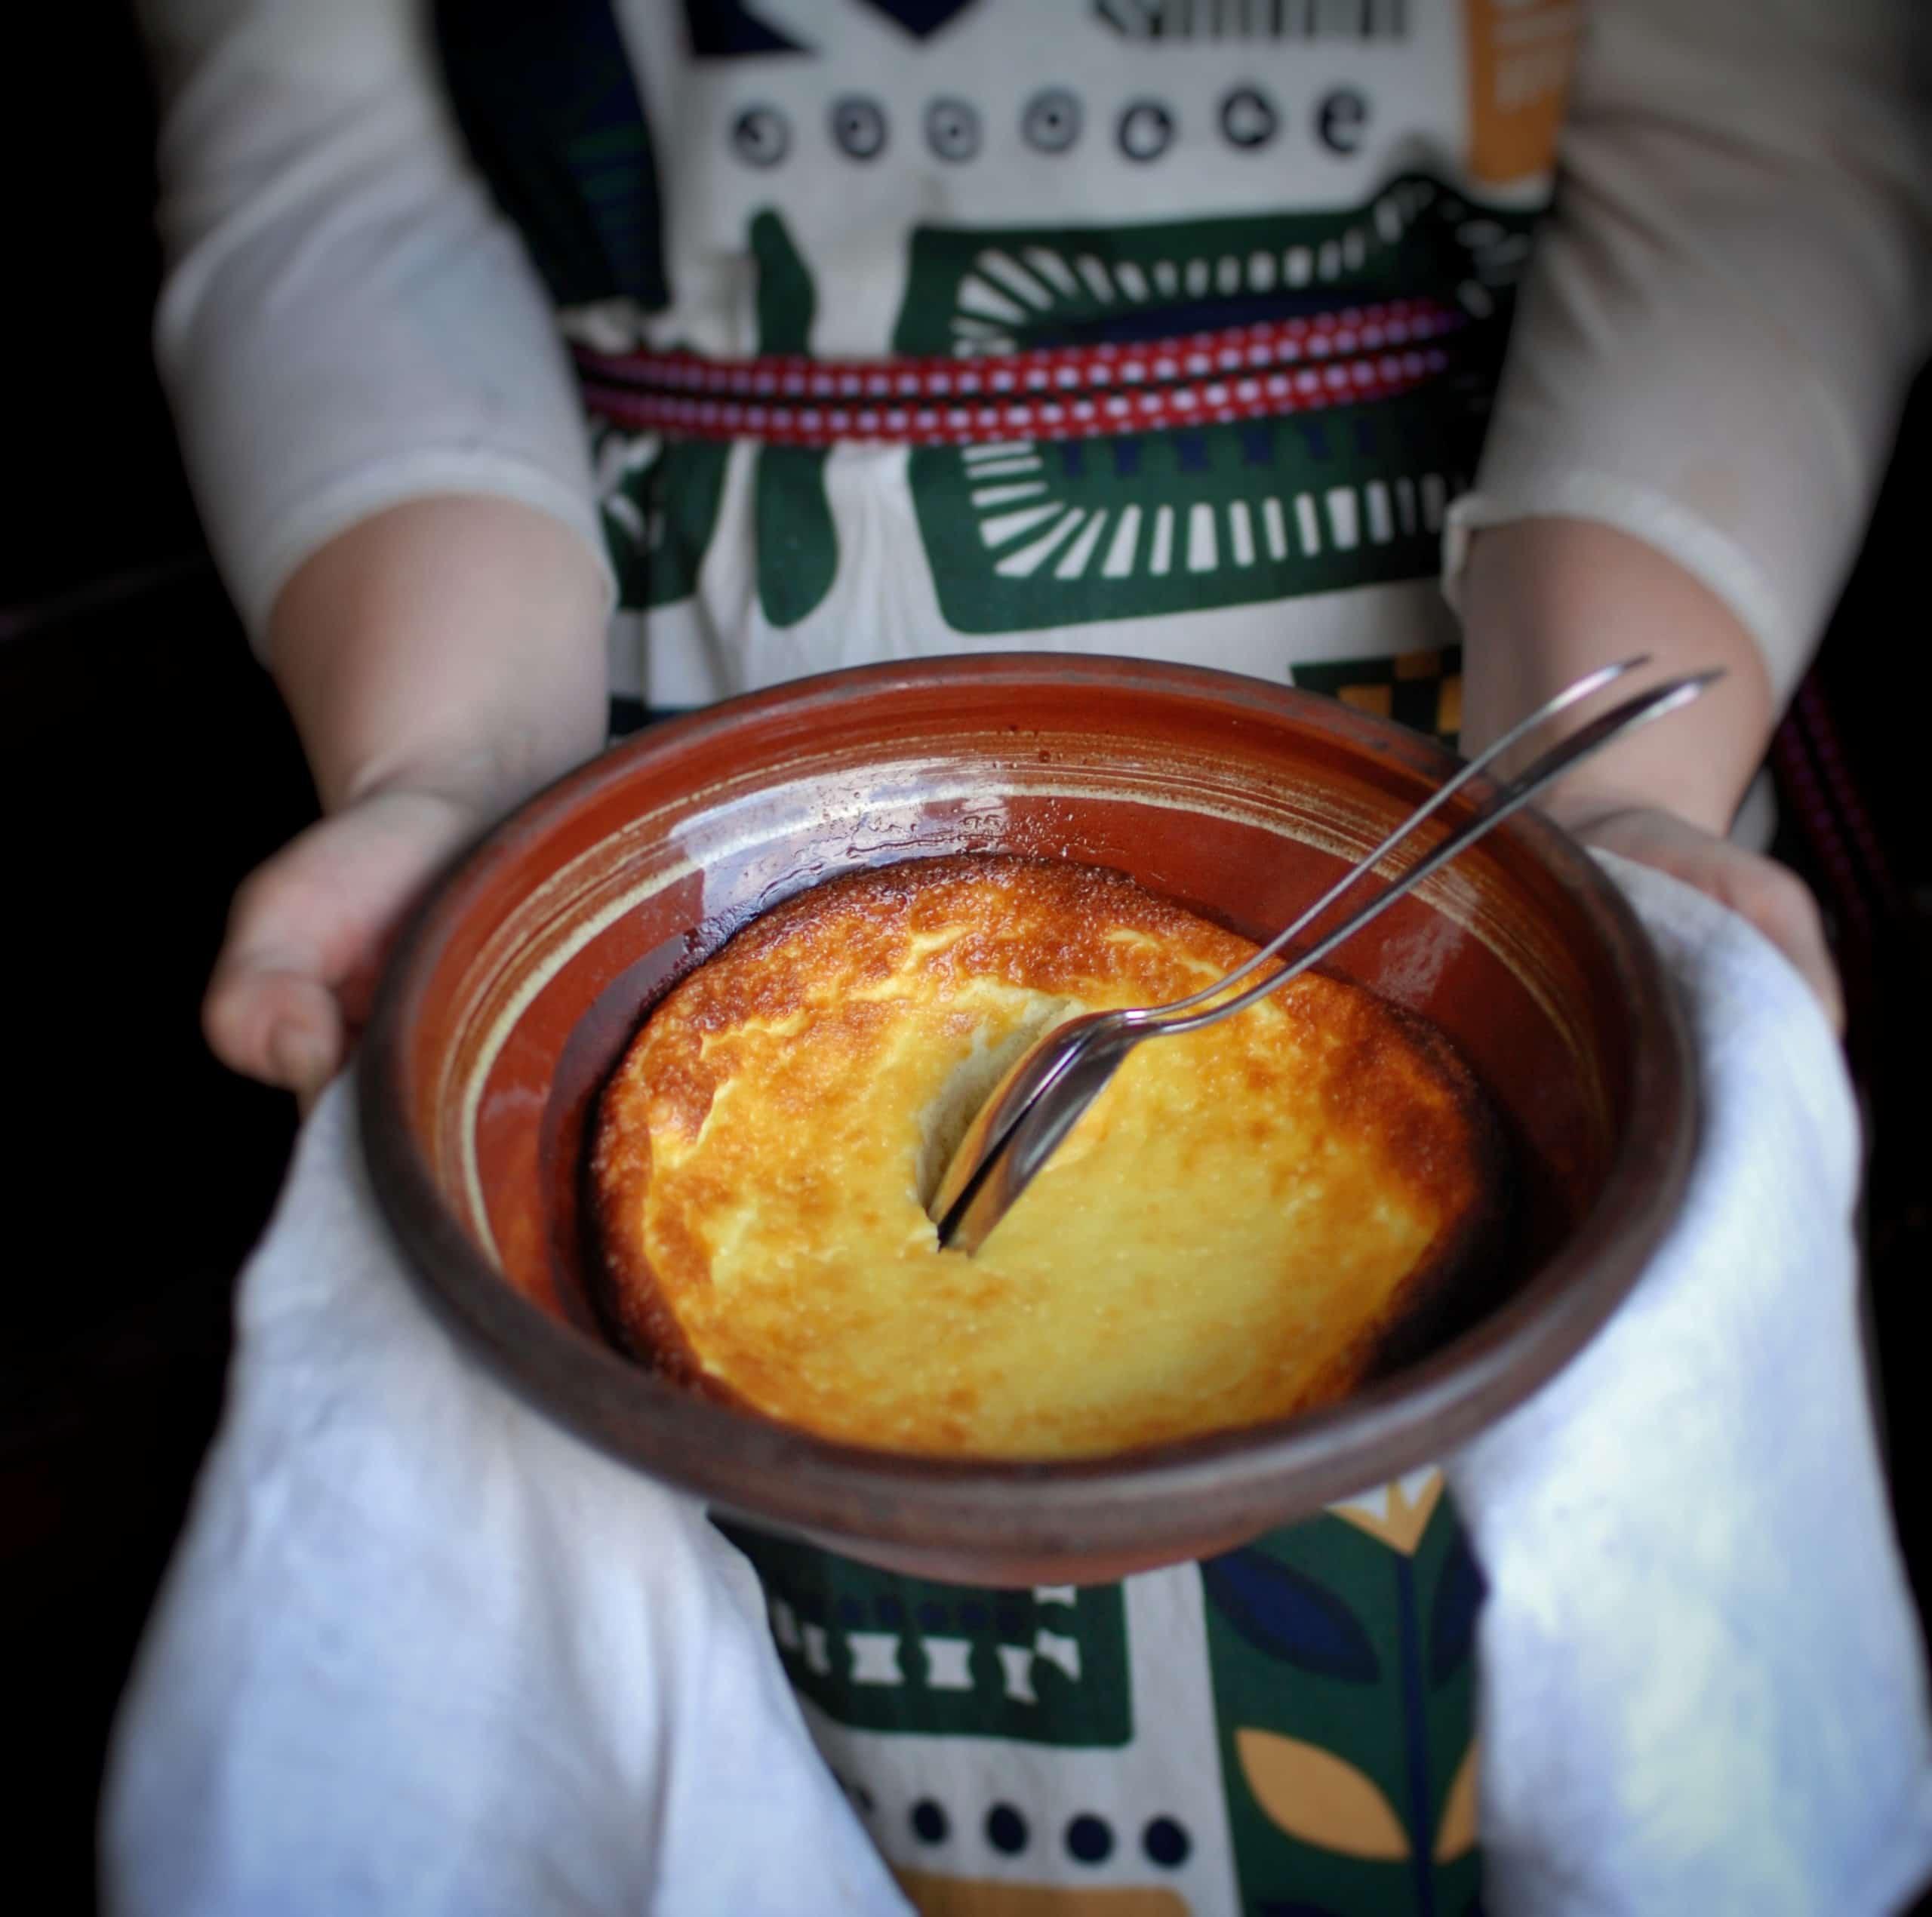 Puukarin Pysäkki juusto kulhossa EAT